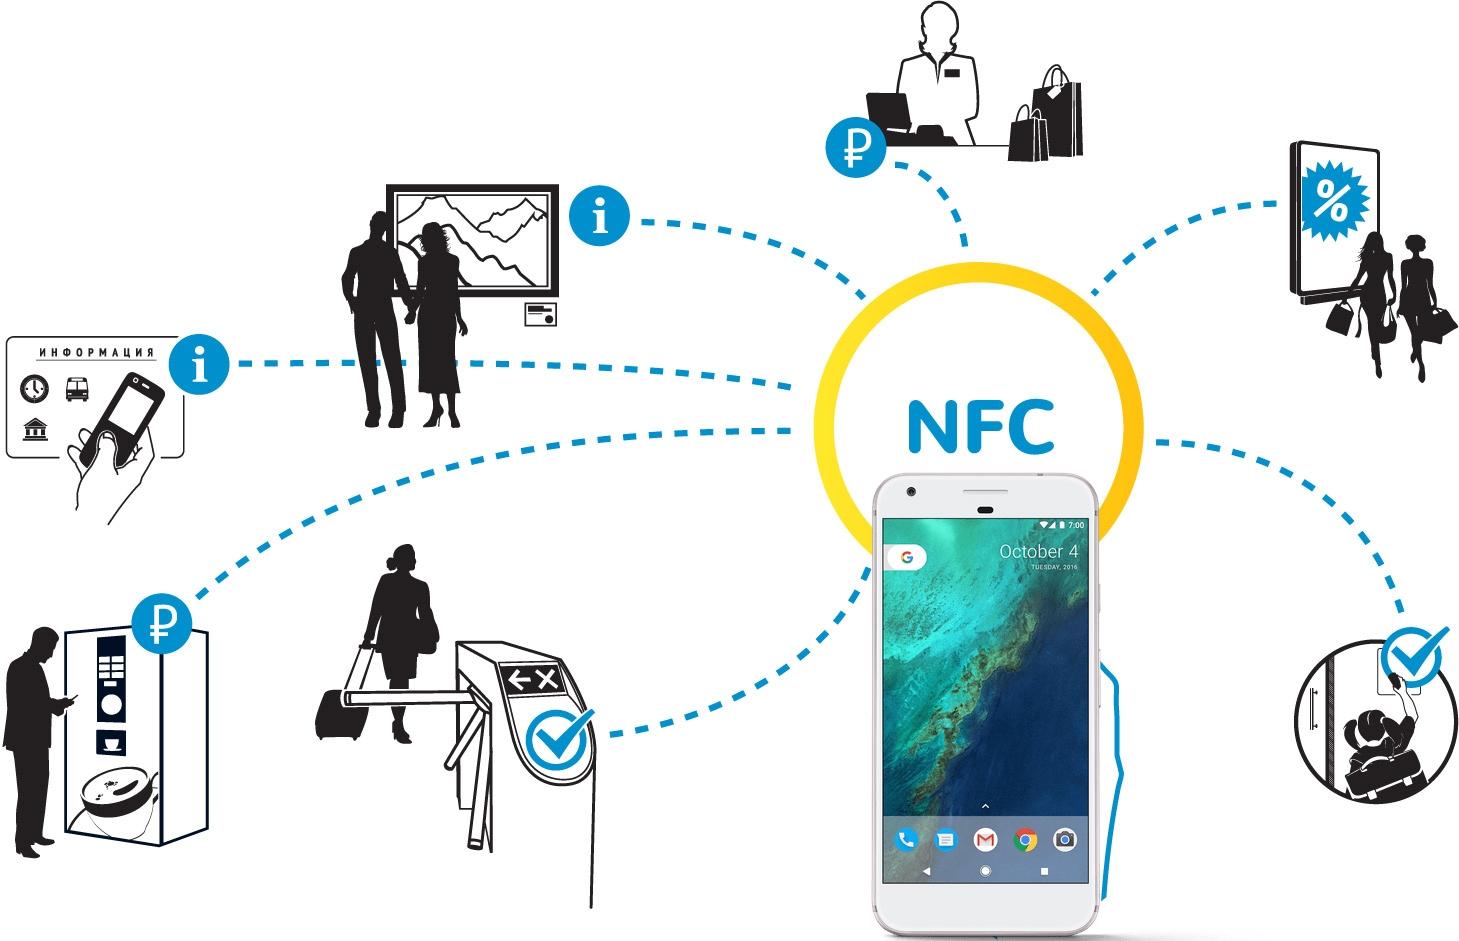 Внешний nfc модуль для смартфона имеют такой же функционал как и встроенный чип